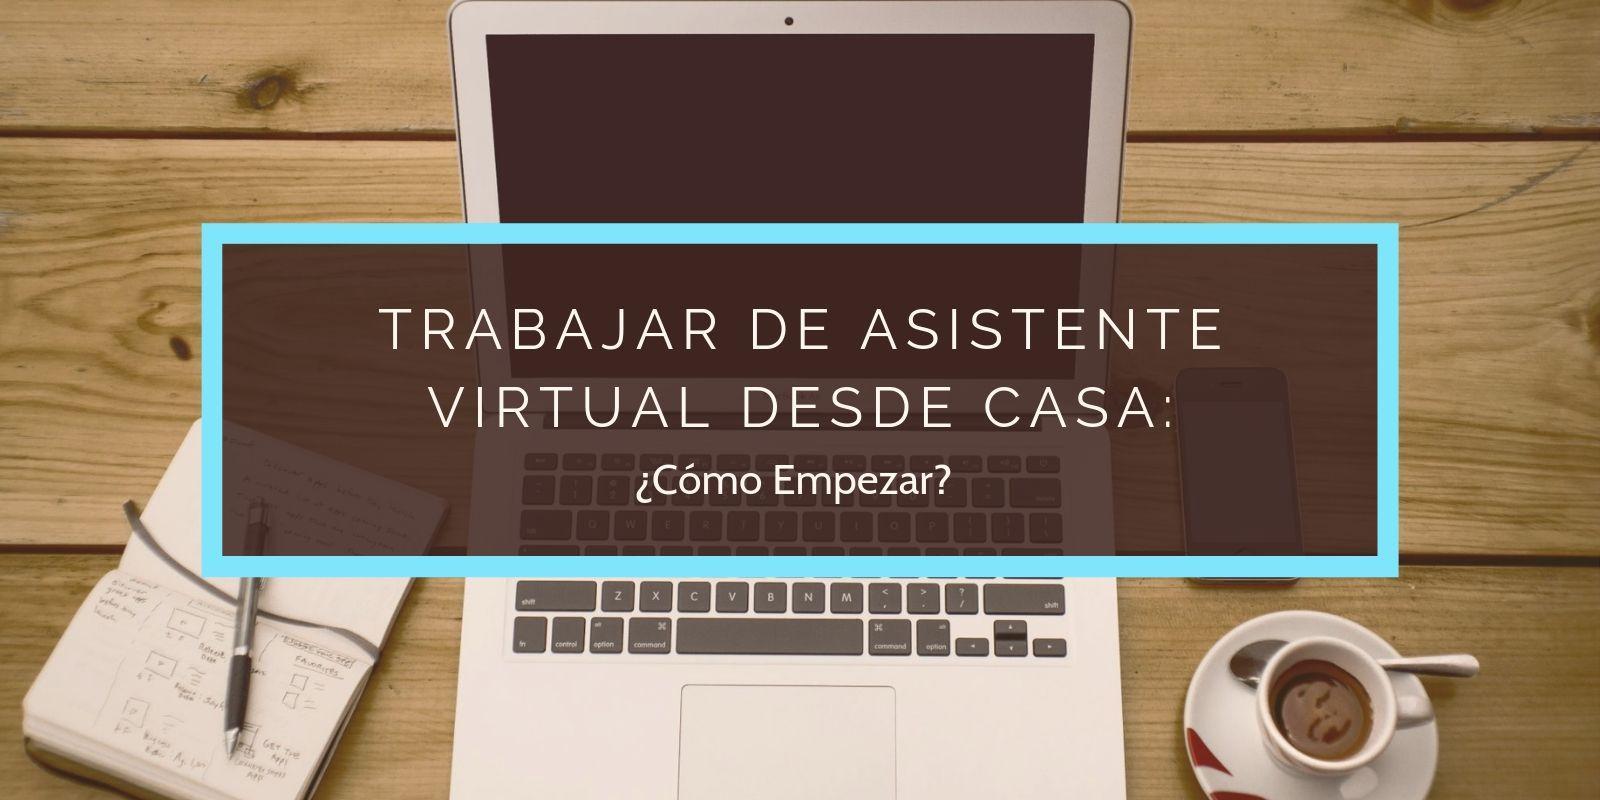 Trabajar De Asistente Virtual Desde Casa